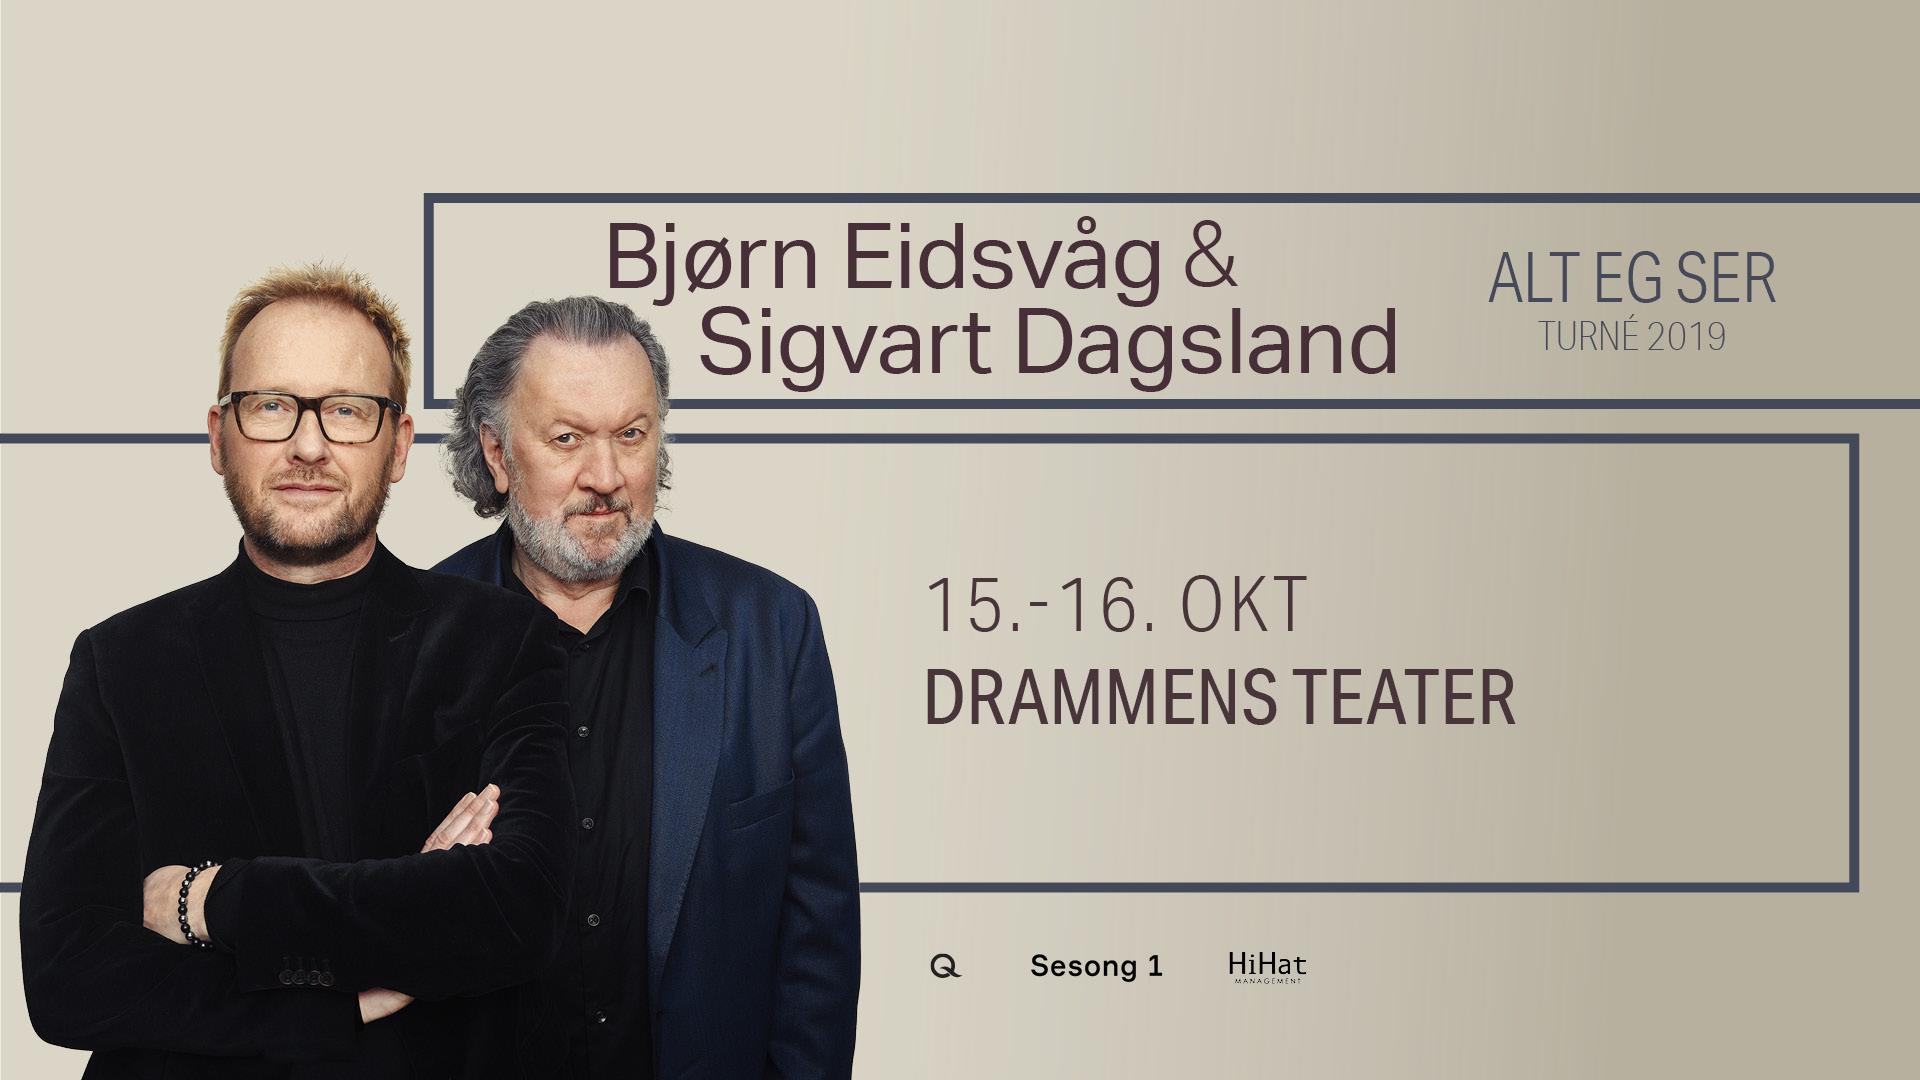 Bjørn Eidsvåg og Sigvart Dagsland